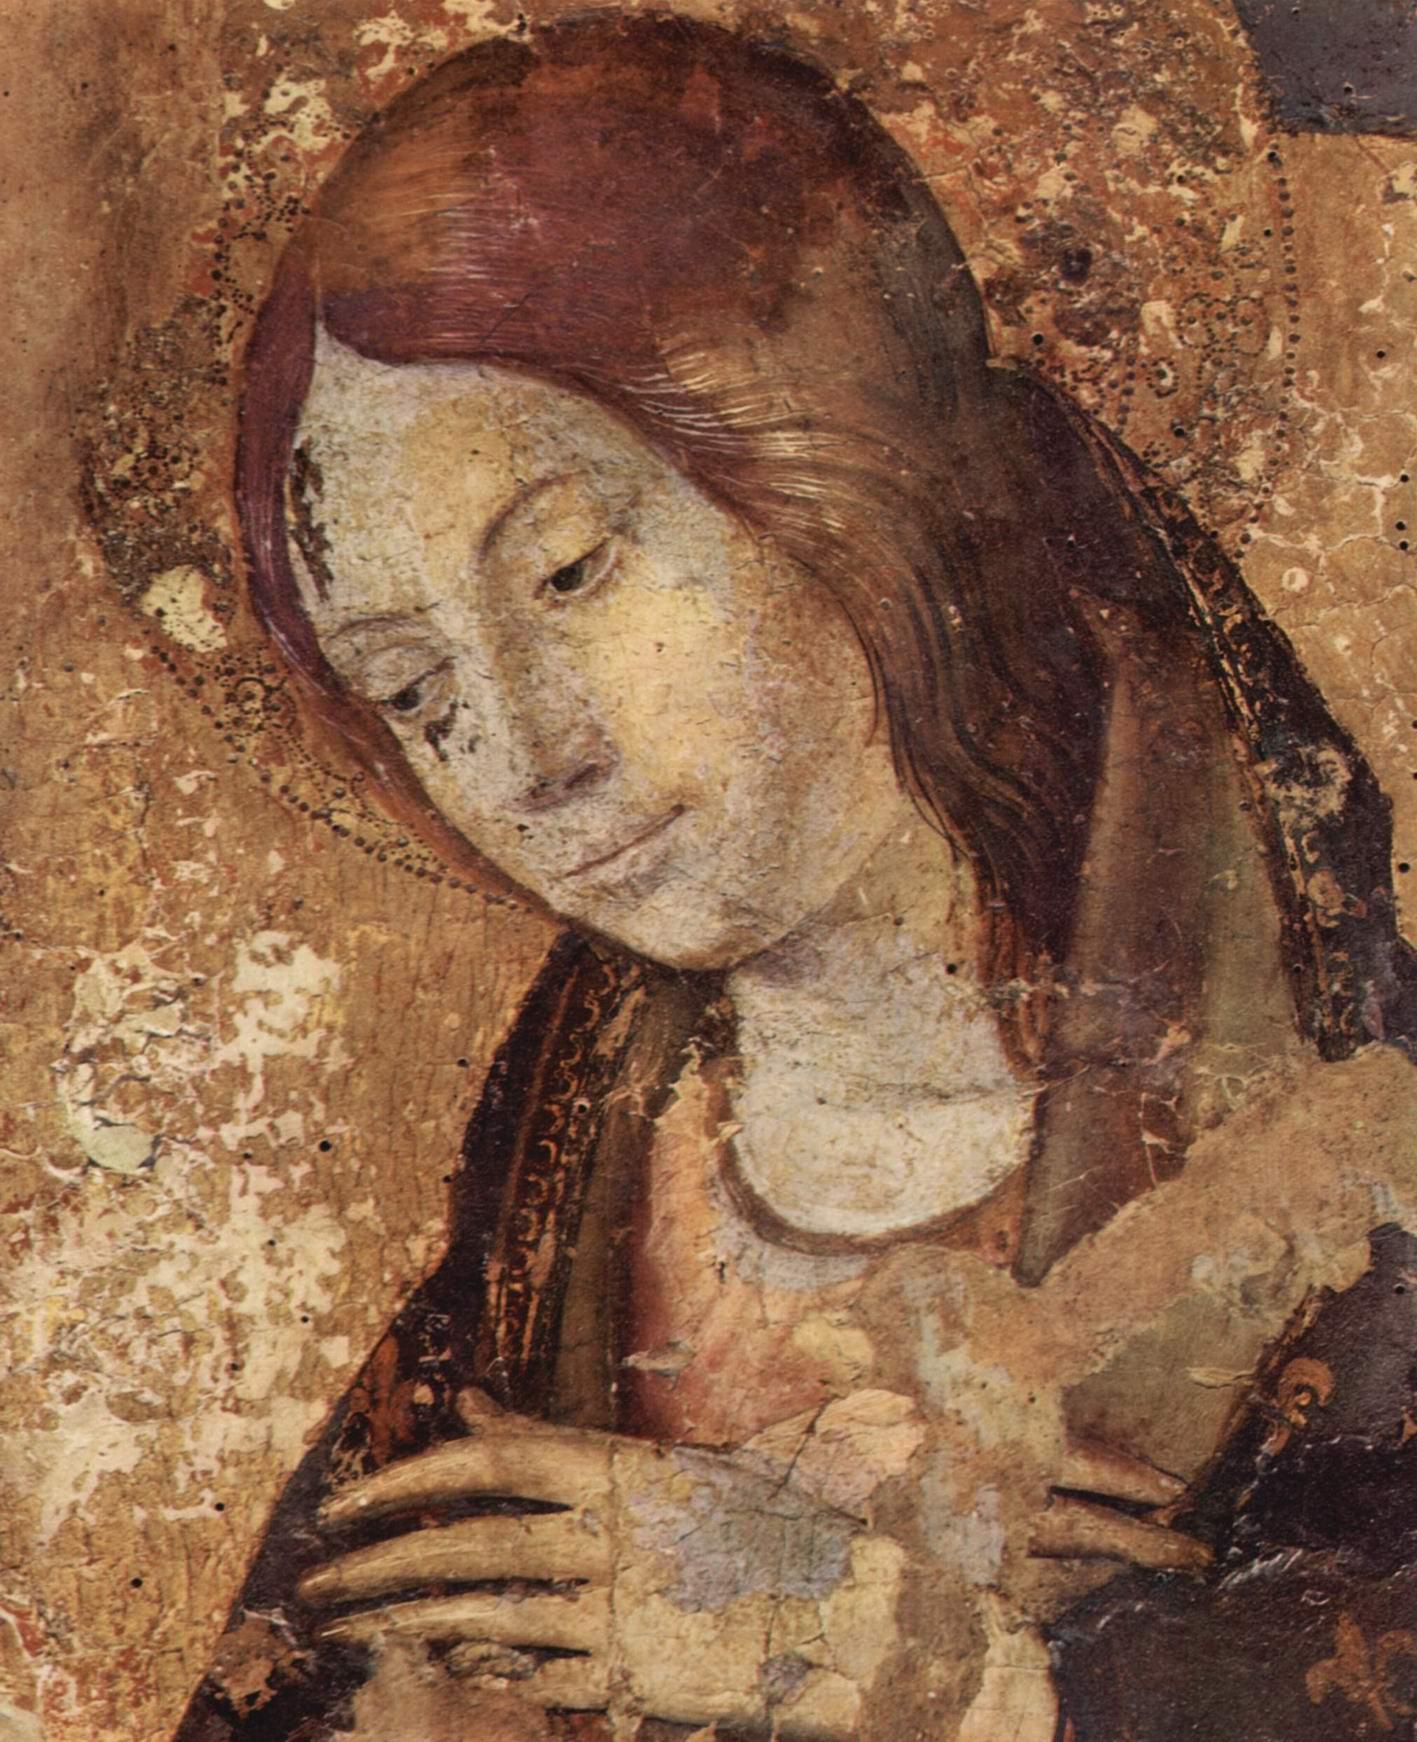 Полиптих св. Григория, фрагмент правой верхней доски, Благовещение Марии. Деталь  голова Марии, Антонелло да Мессина